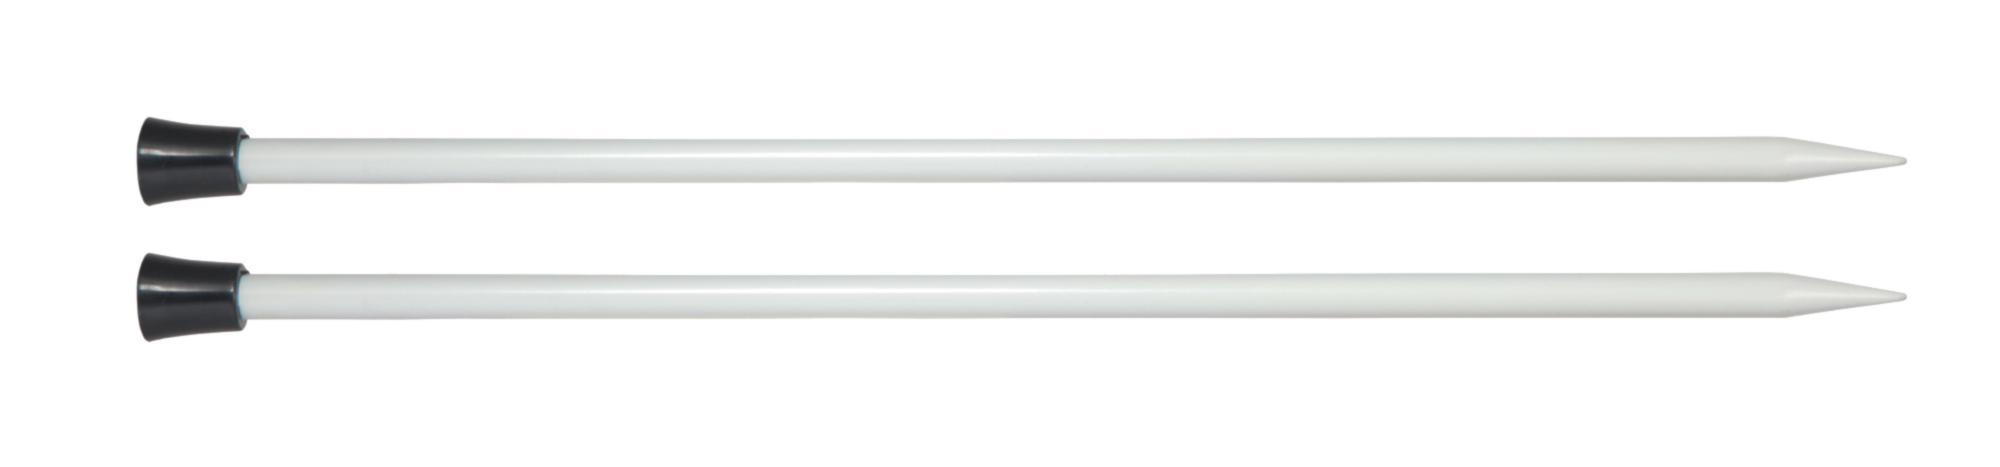 Спицы прямые 40 см Basix Aluminium KnitPro, 45283, 3.00 мм